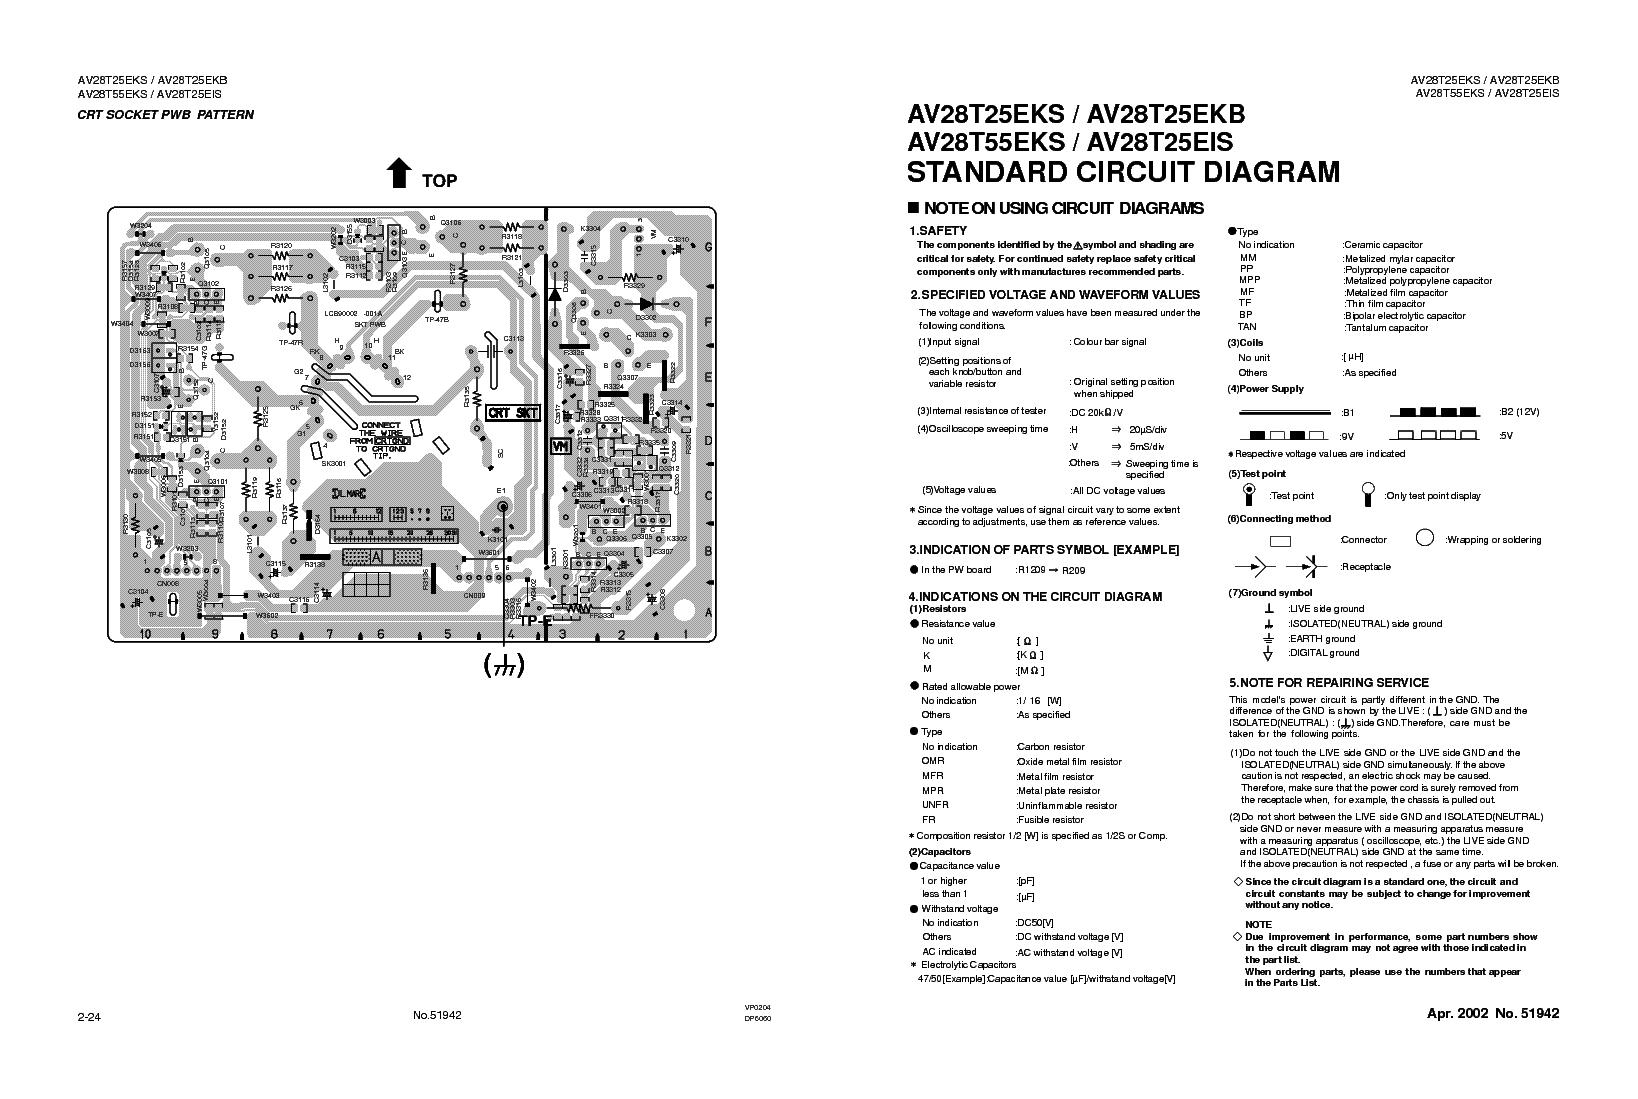 JVC AV28T25EKS EKB AV28T55EKS EIS SCH service manual (1st page)